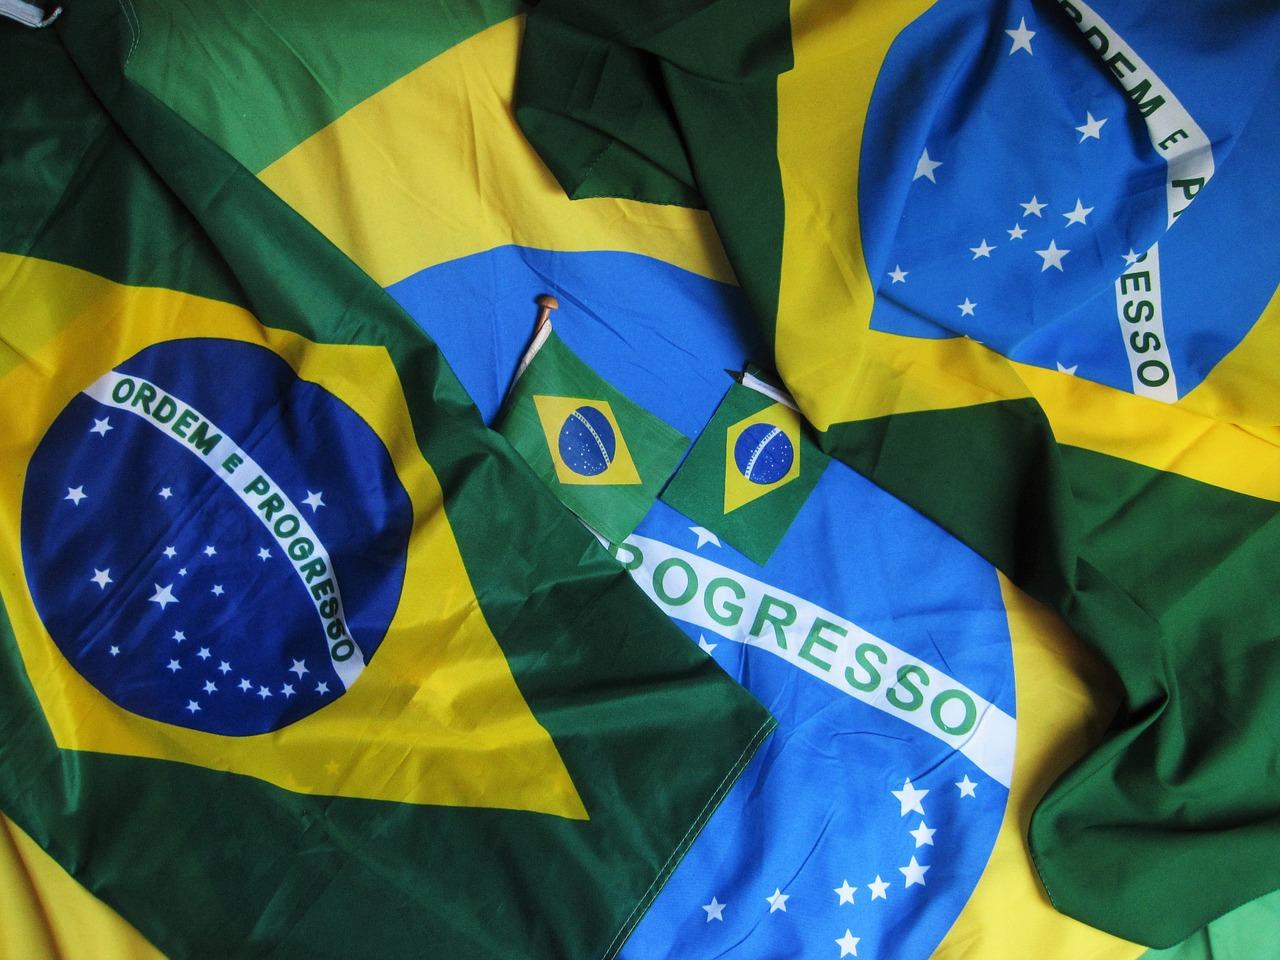 olympiad-in-brasil-1420476_1280